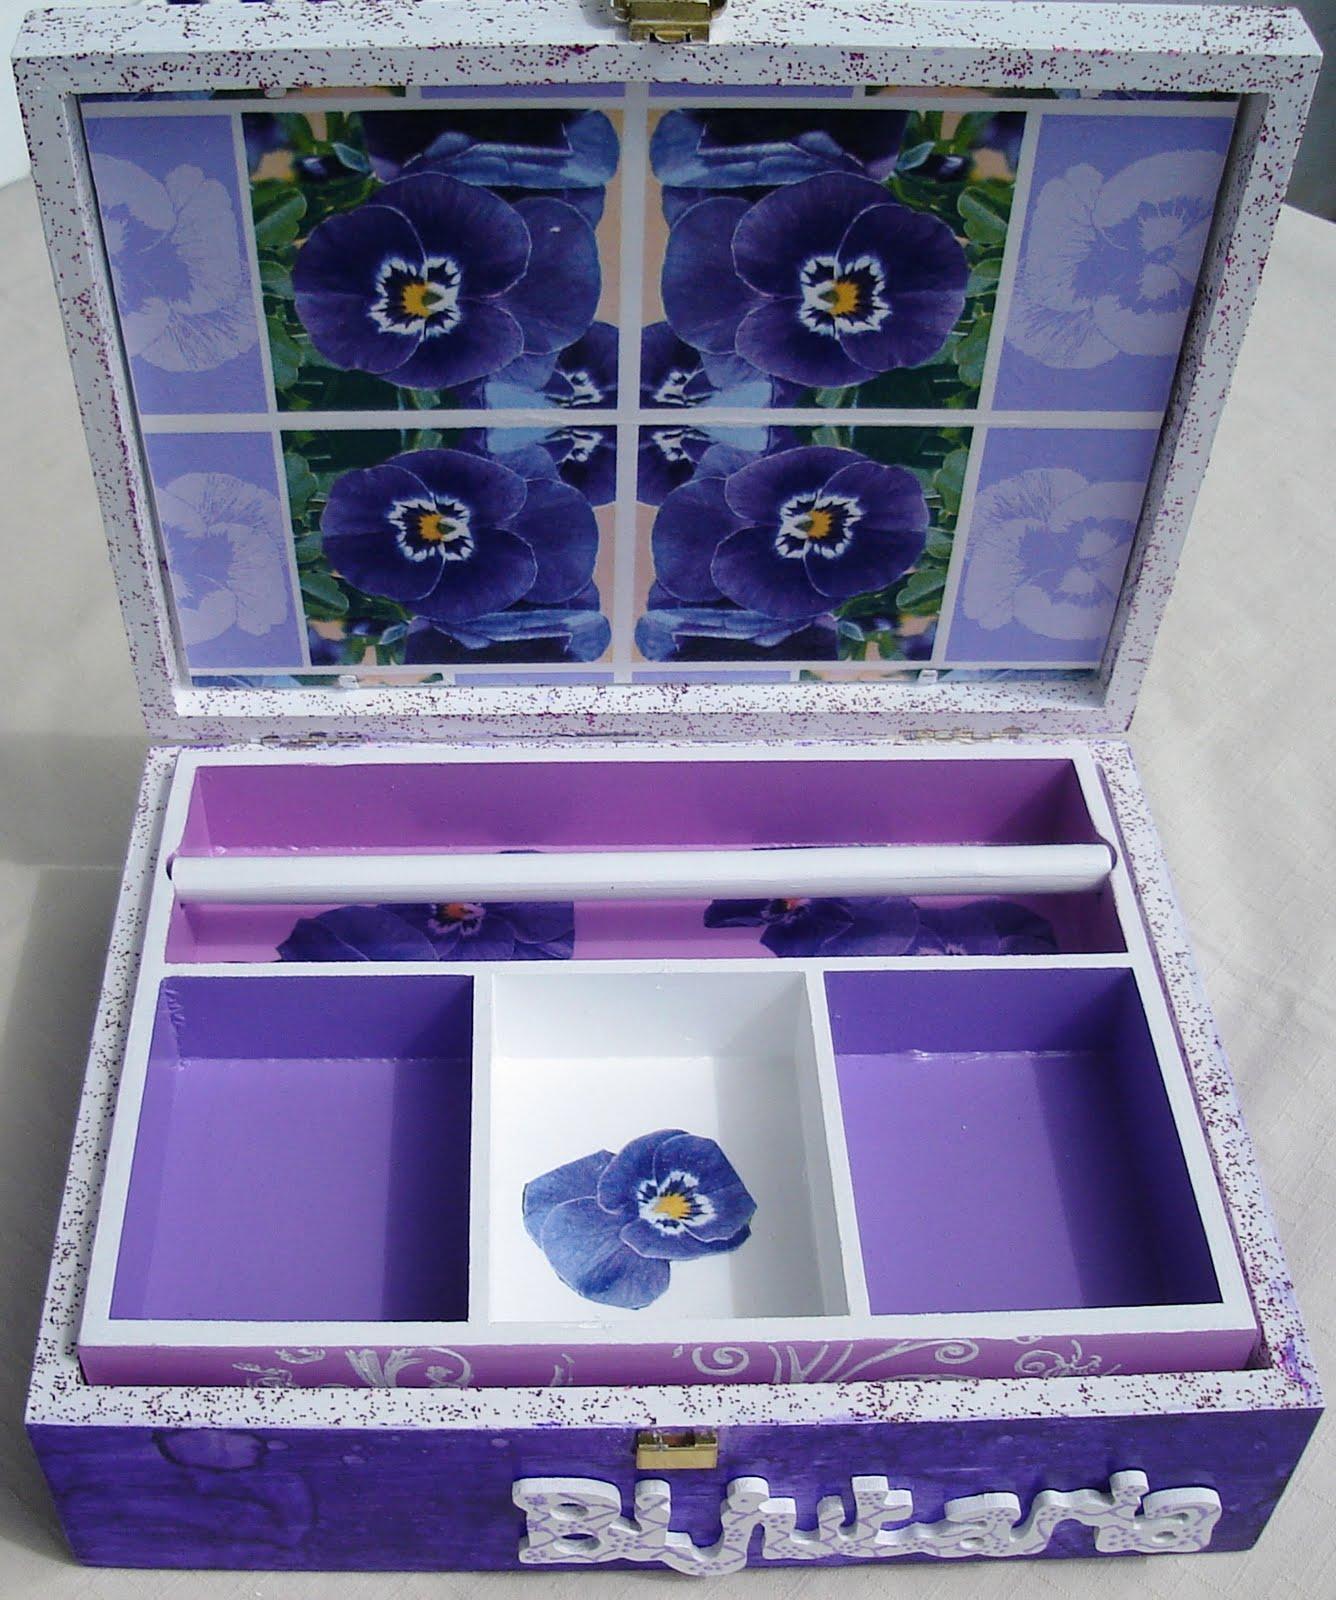 Pincéis Agulhas e Outros: Caixa de Bijuterias: Amores Perfeitos #363071 1336x1600